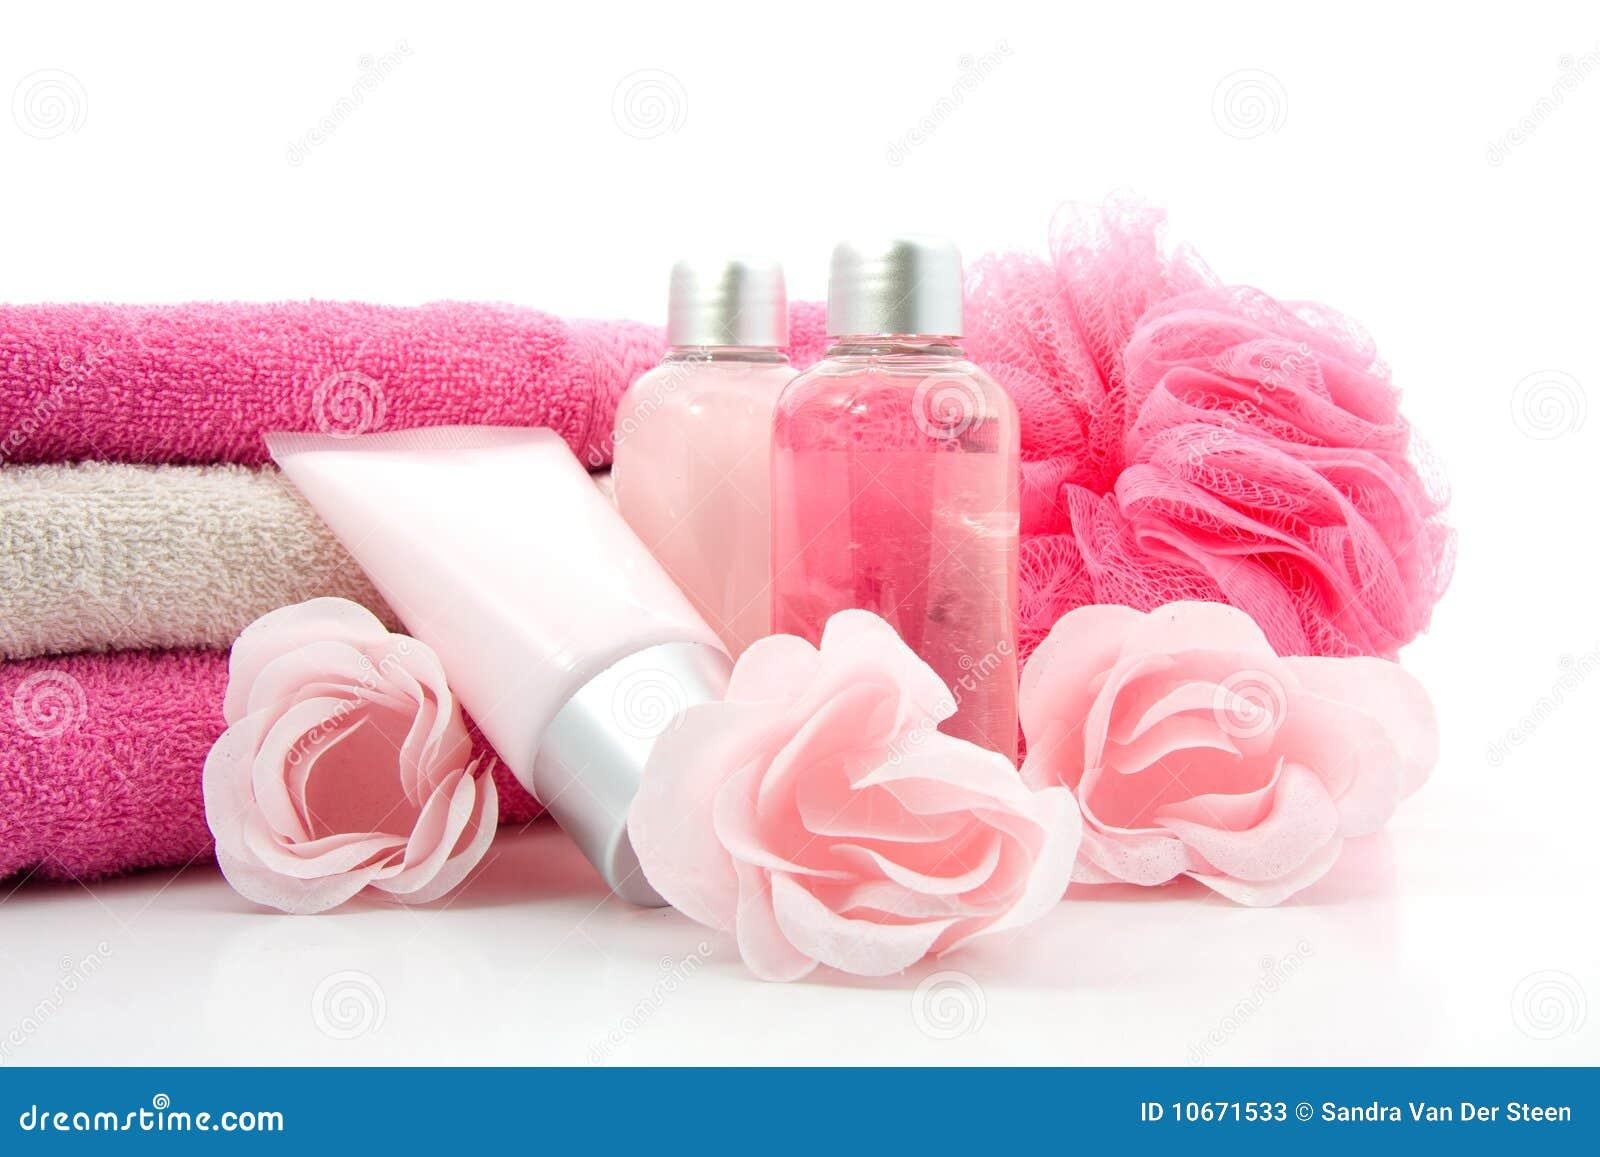 Salle De Bain Elle Maison ~ accessoire rose de salle de bains et de station thermale image stock